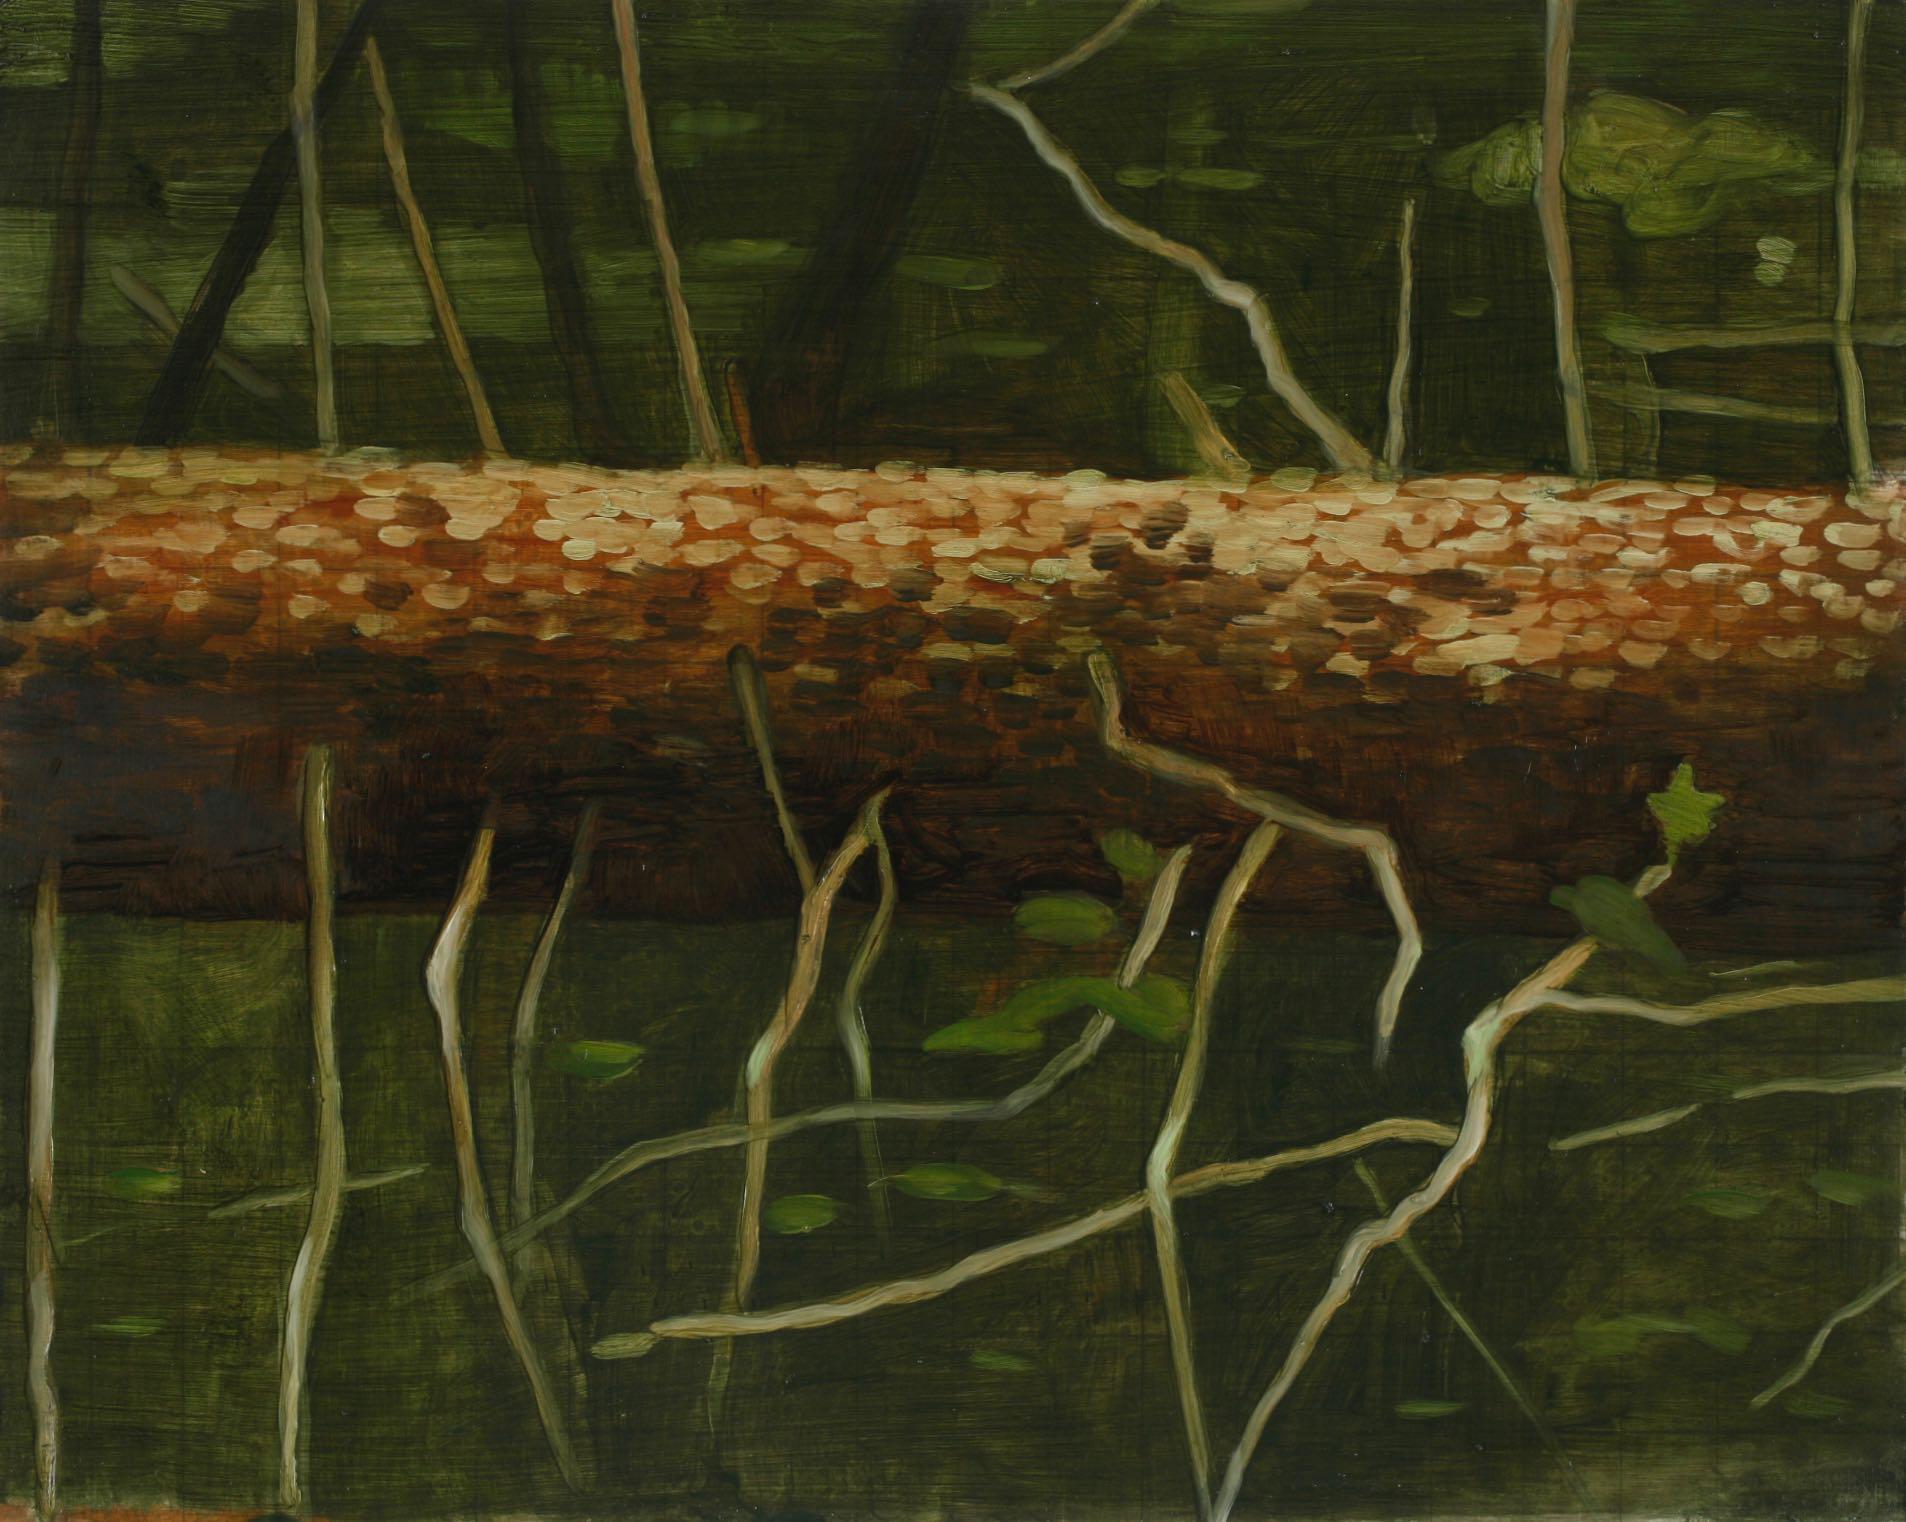 Skisse, liggende  17,5x25,5cm akryl/tusj på kartong 2007